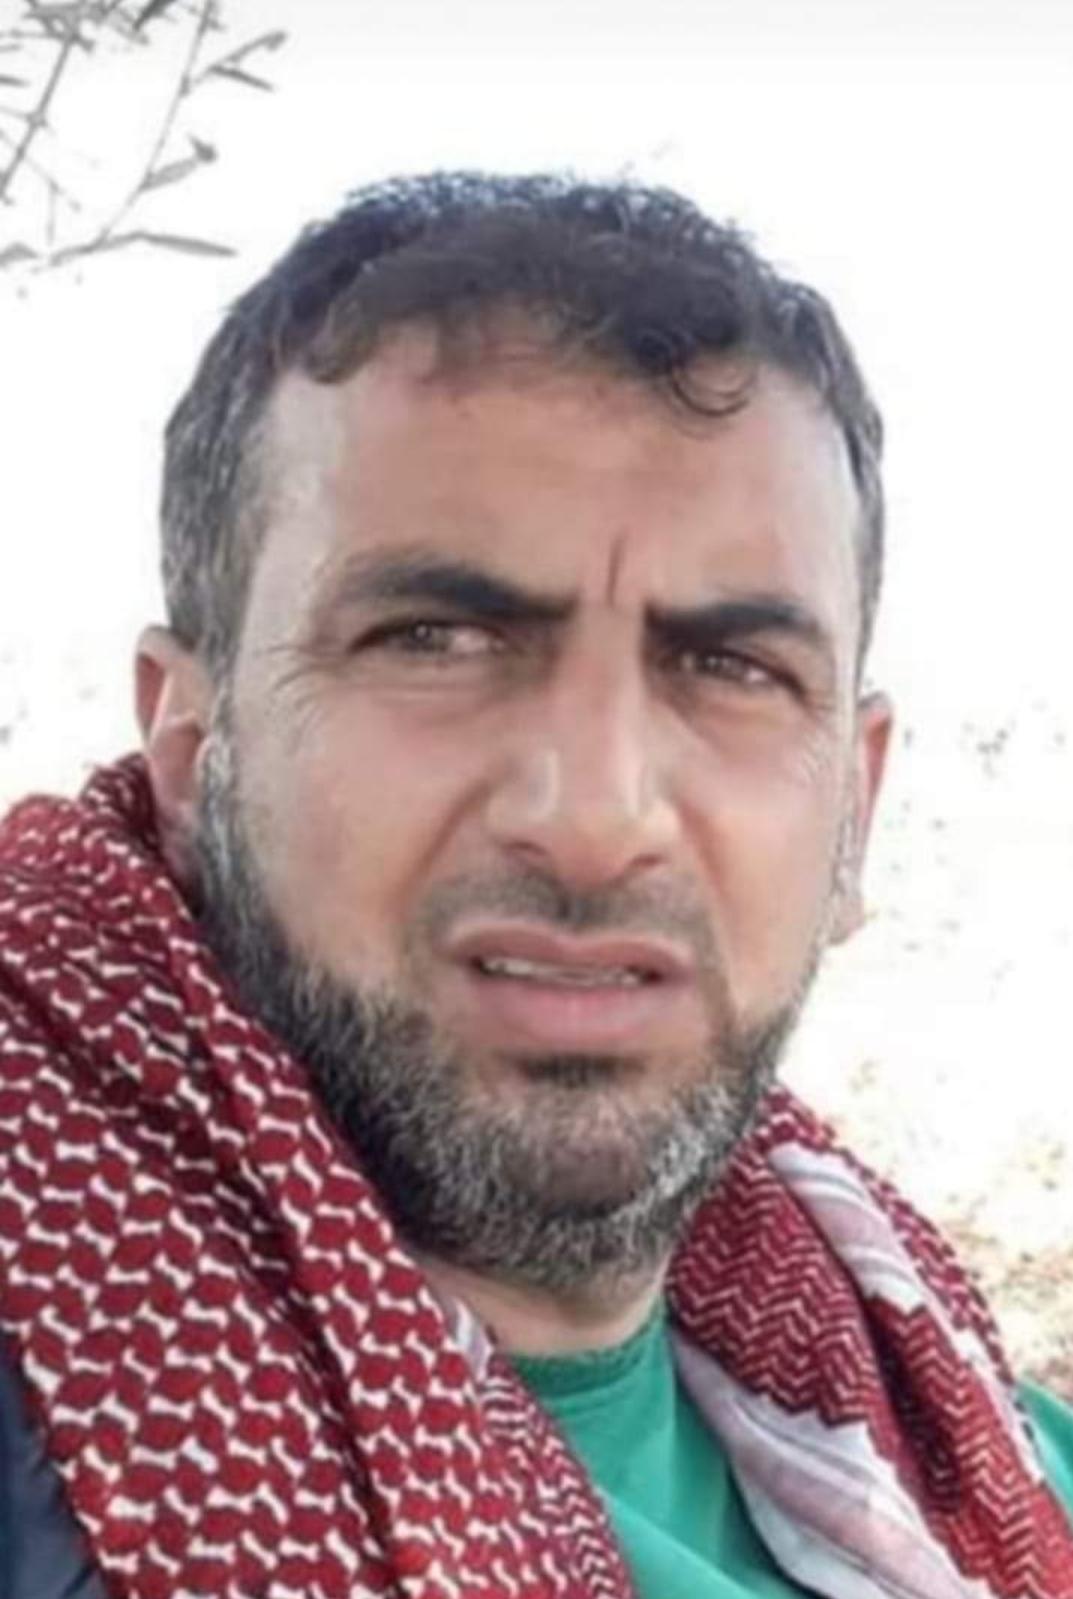 مرتزقة تركيا يهددون بقتل مختطف عفريني آخر أو دفع فدية 200 ألف دولار